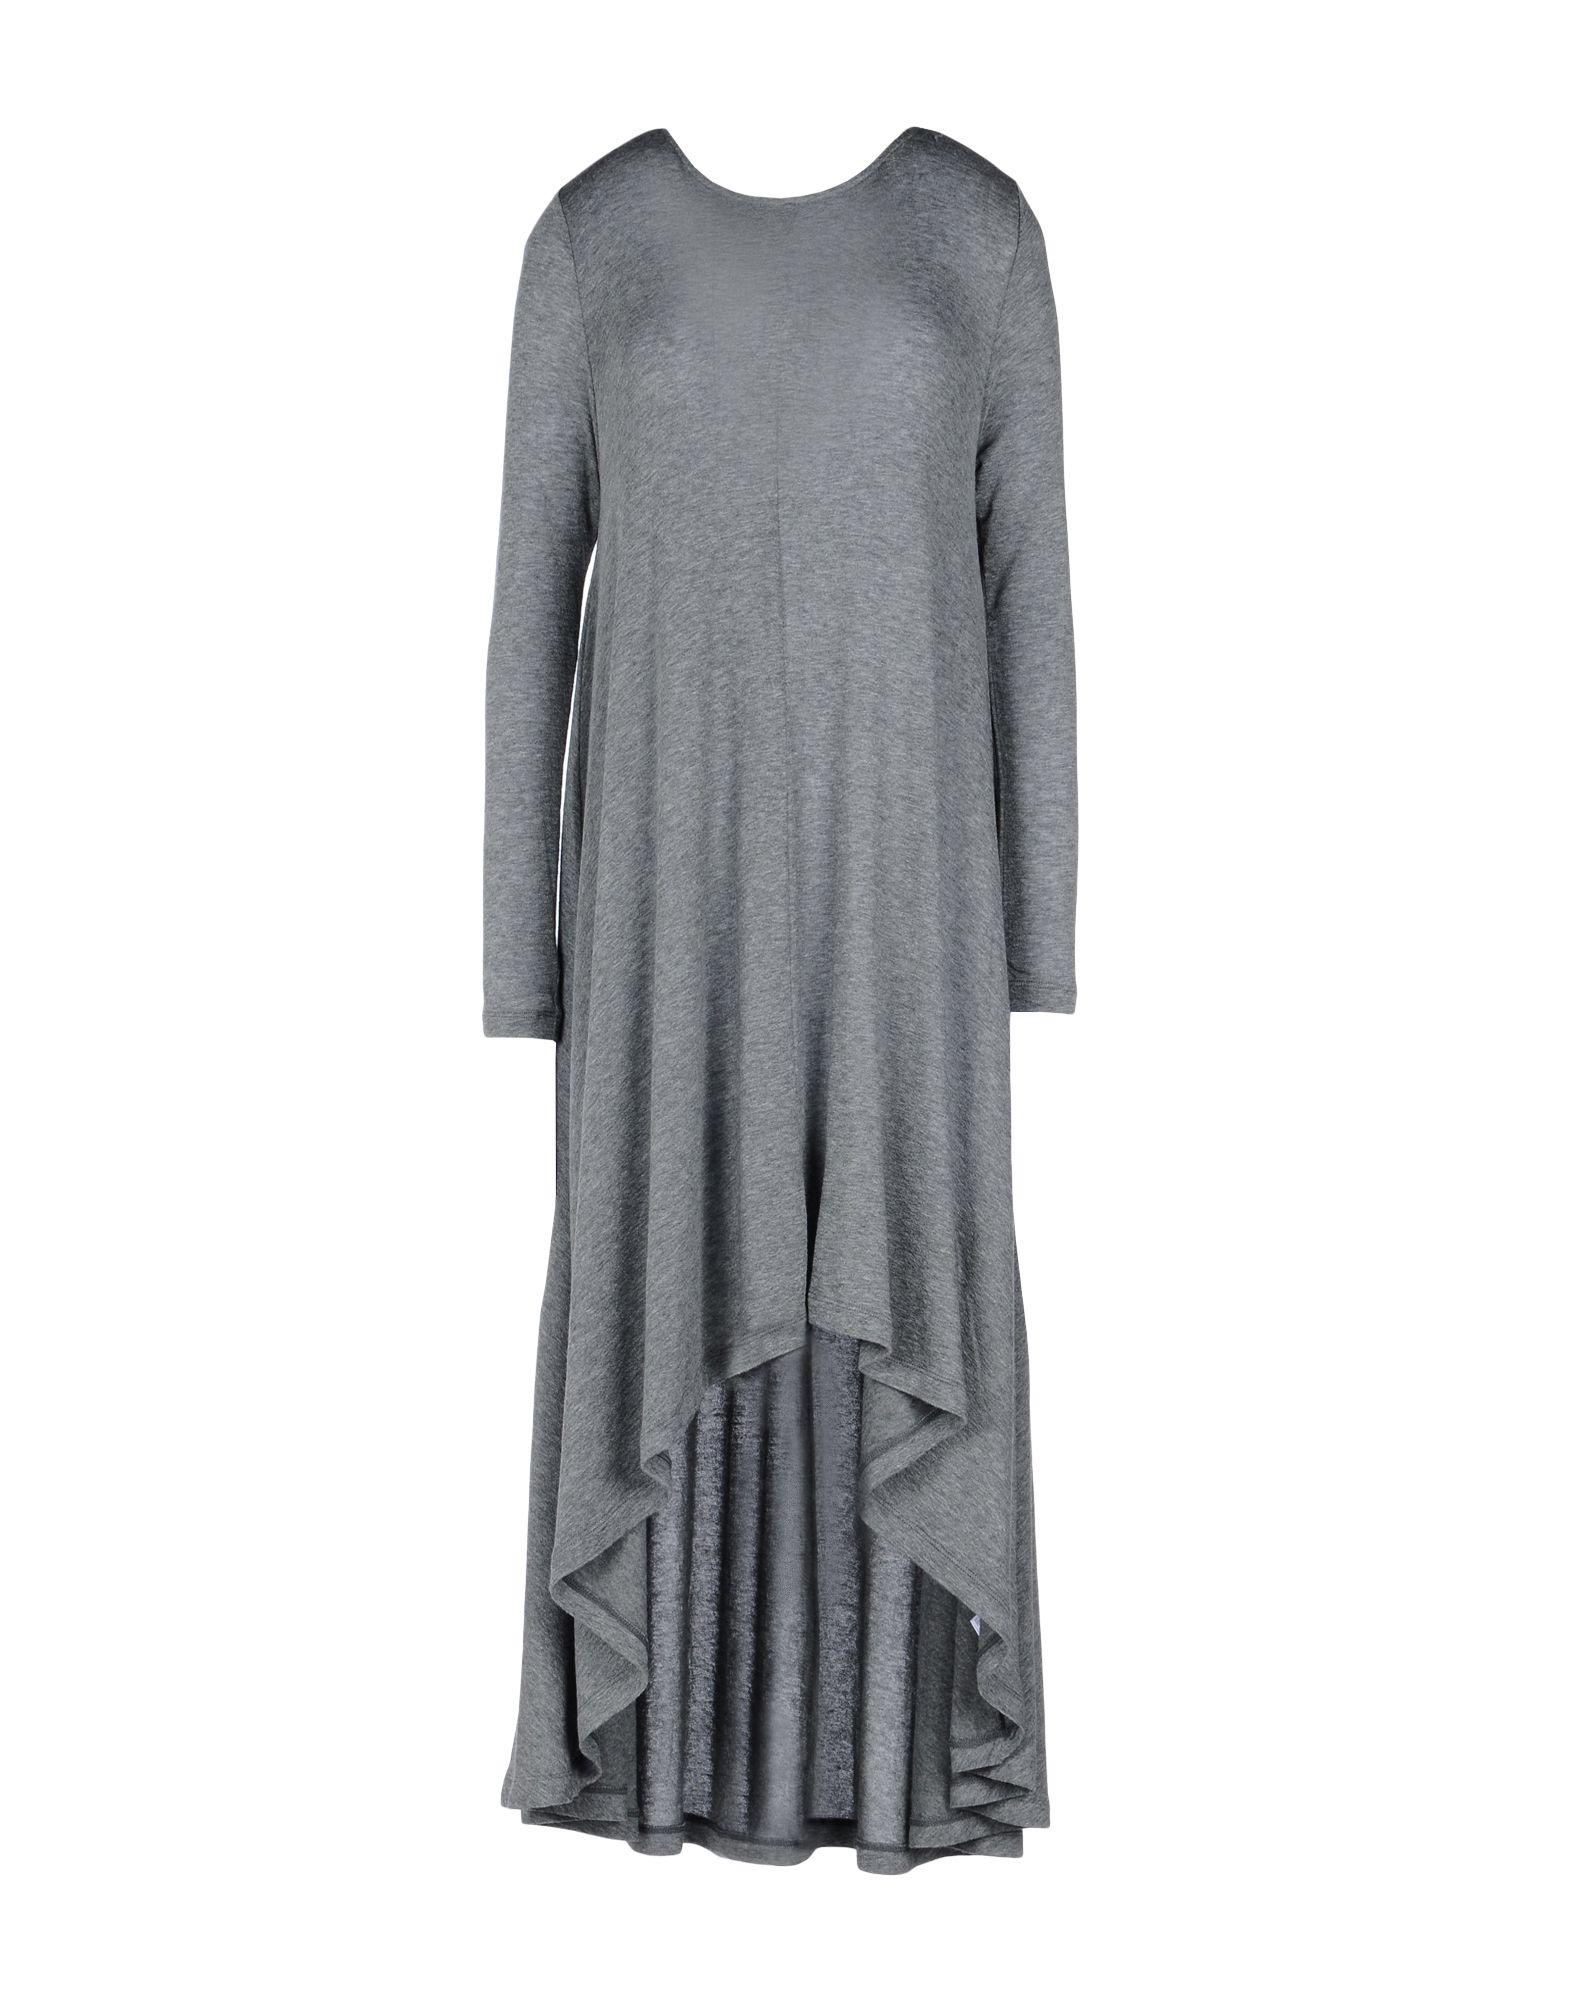 JEANPAUL KNOTT Damen Kurzes Kleid Farbe Grau Größe 2